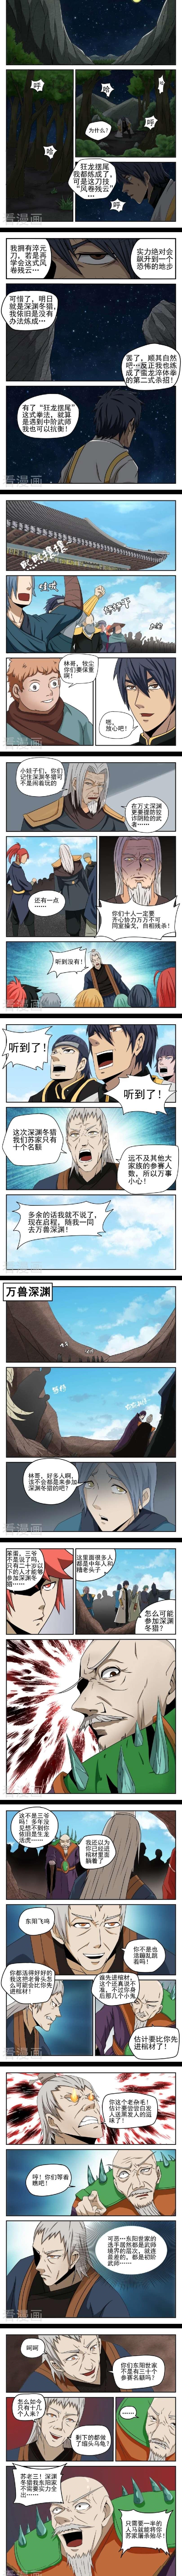 【漫画更新】逆天武神~